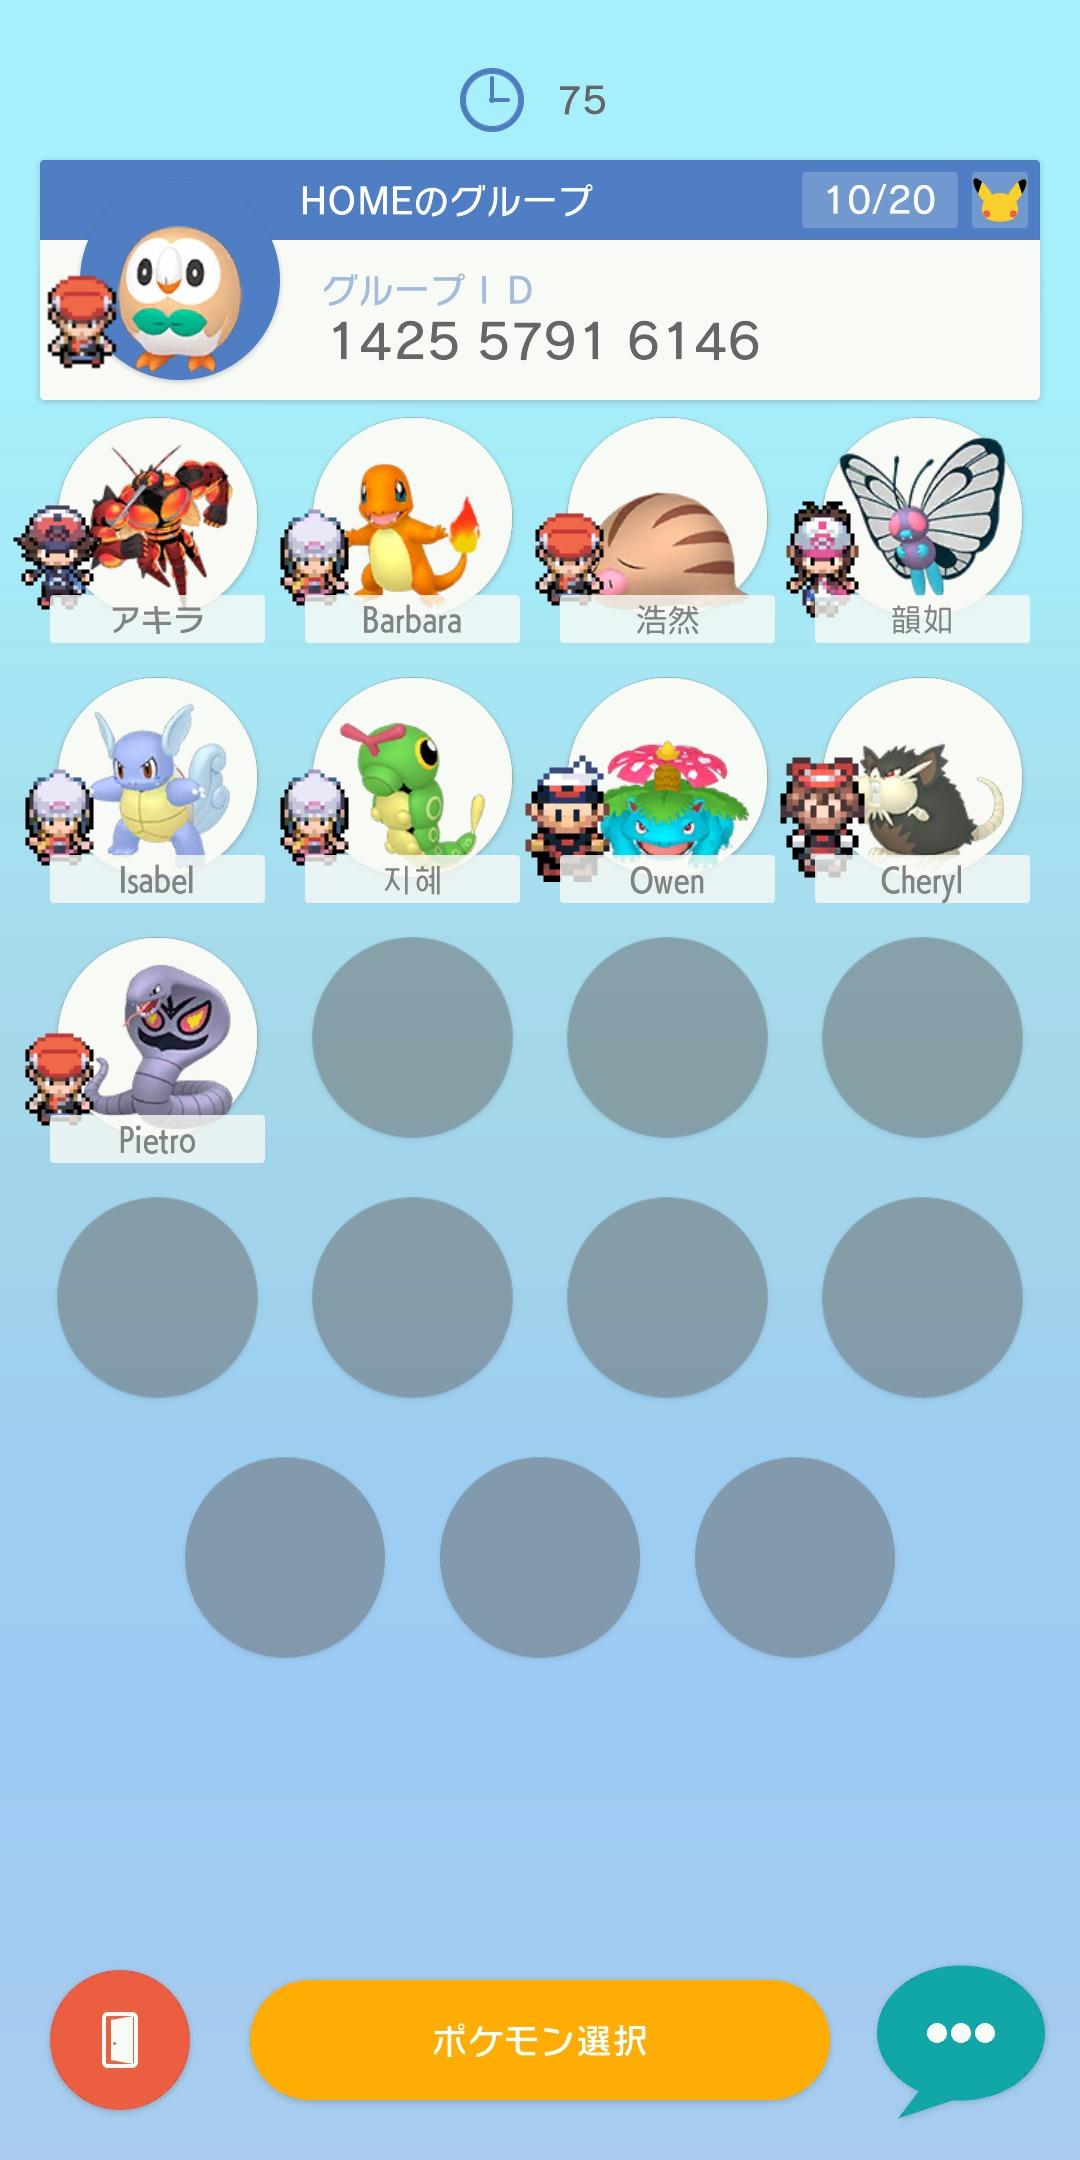 グループ交換3 (C)2020 Pokémon. (C)1995-2020 Nintendo/Creatures Inc. /GAME FREAK inc.